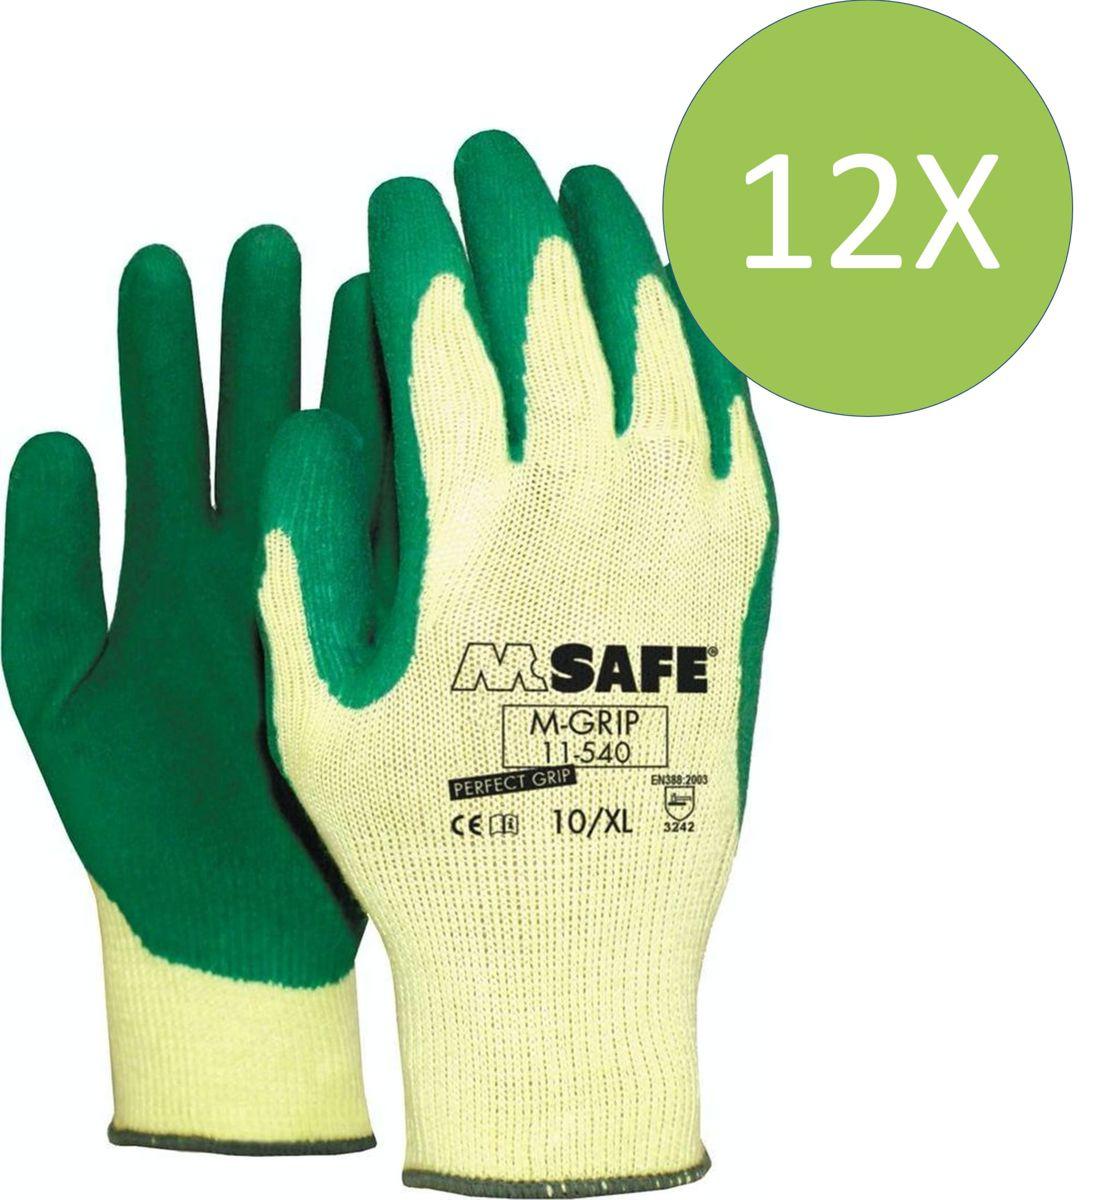 M-grip handschoen 11-540 - 11 - 12 paar